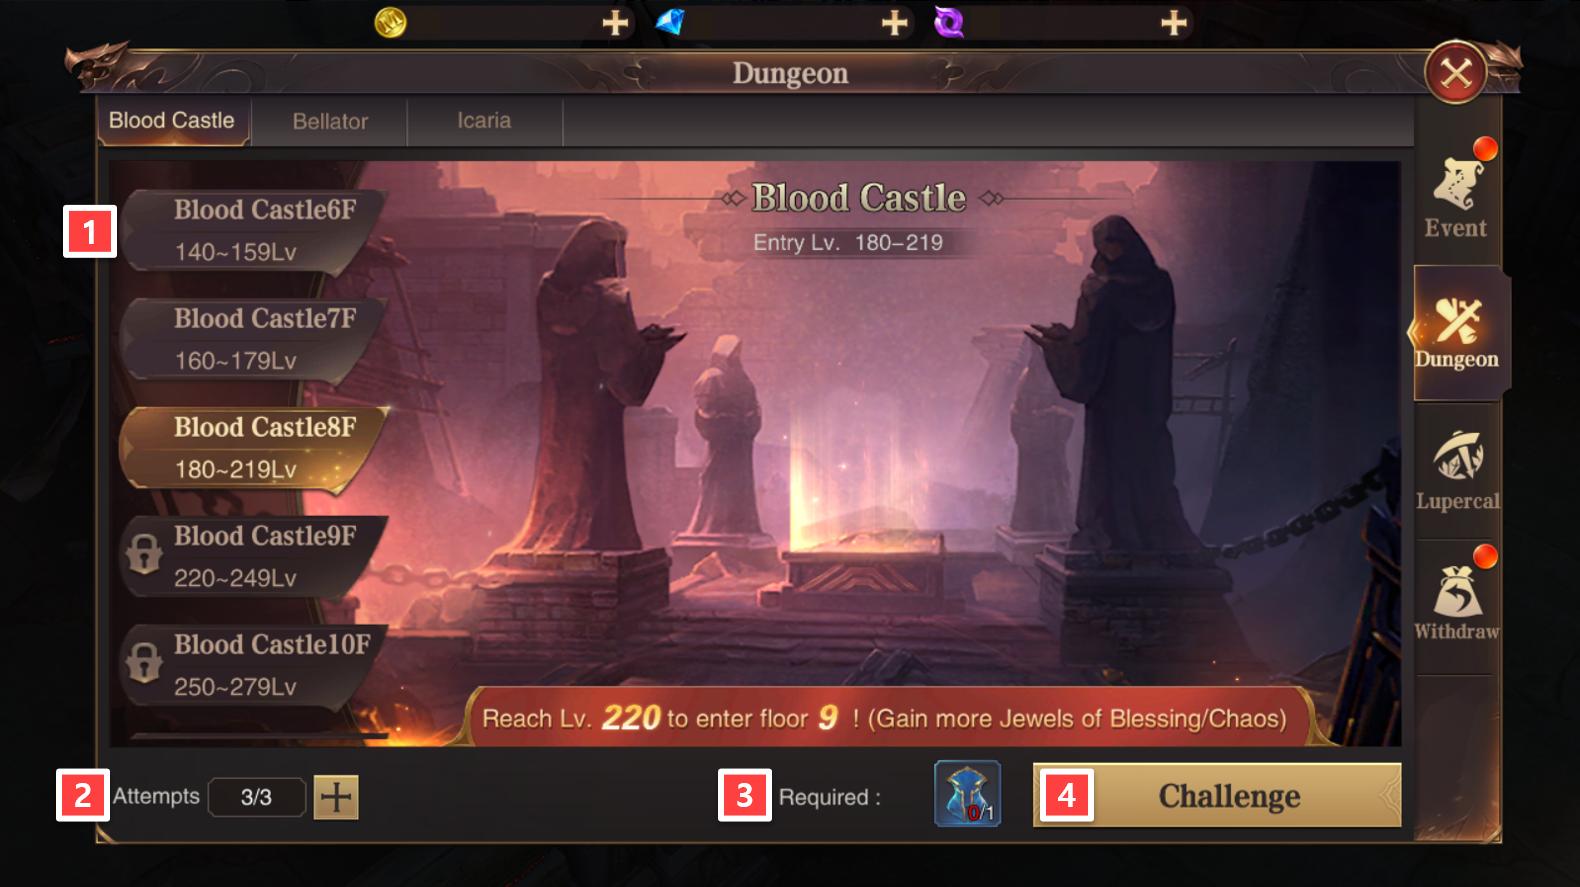 Blood Castle